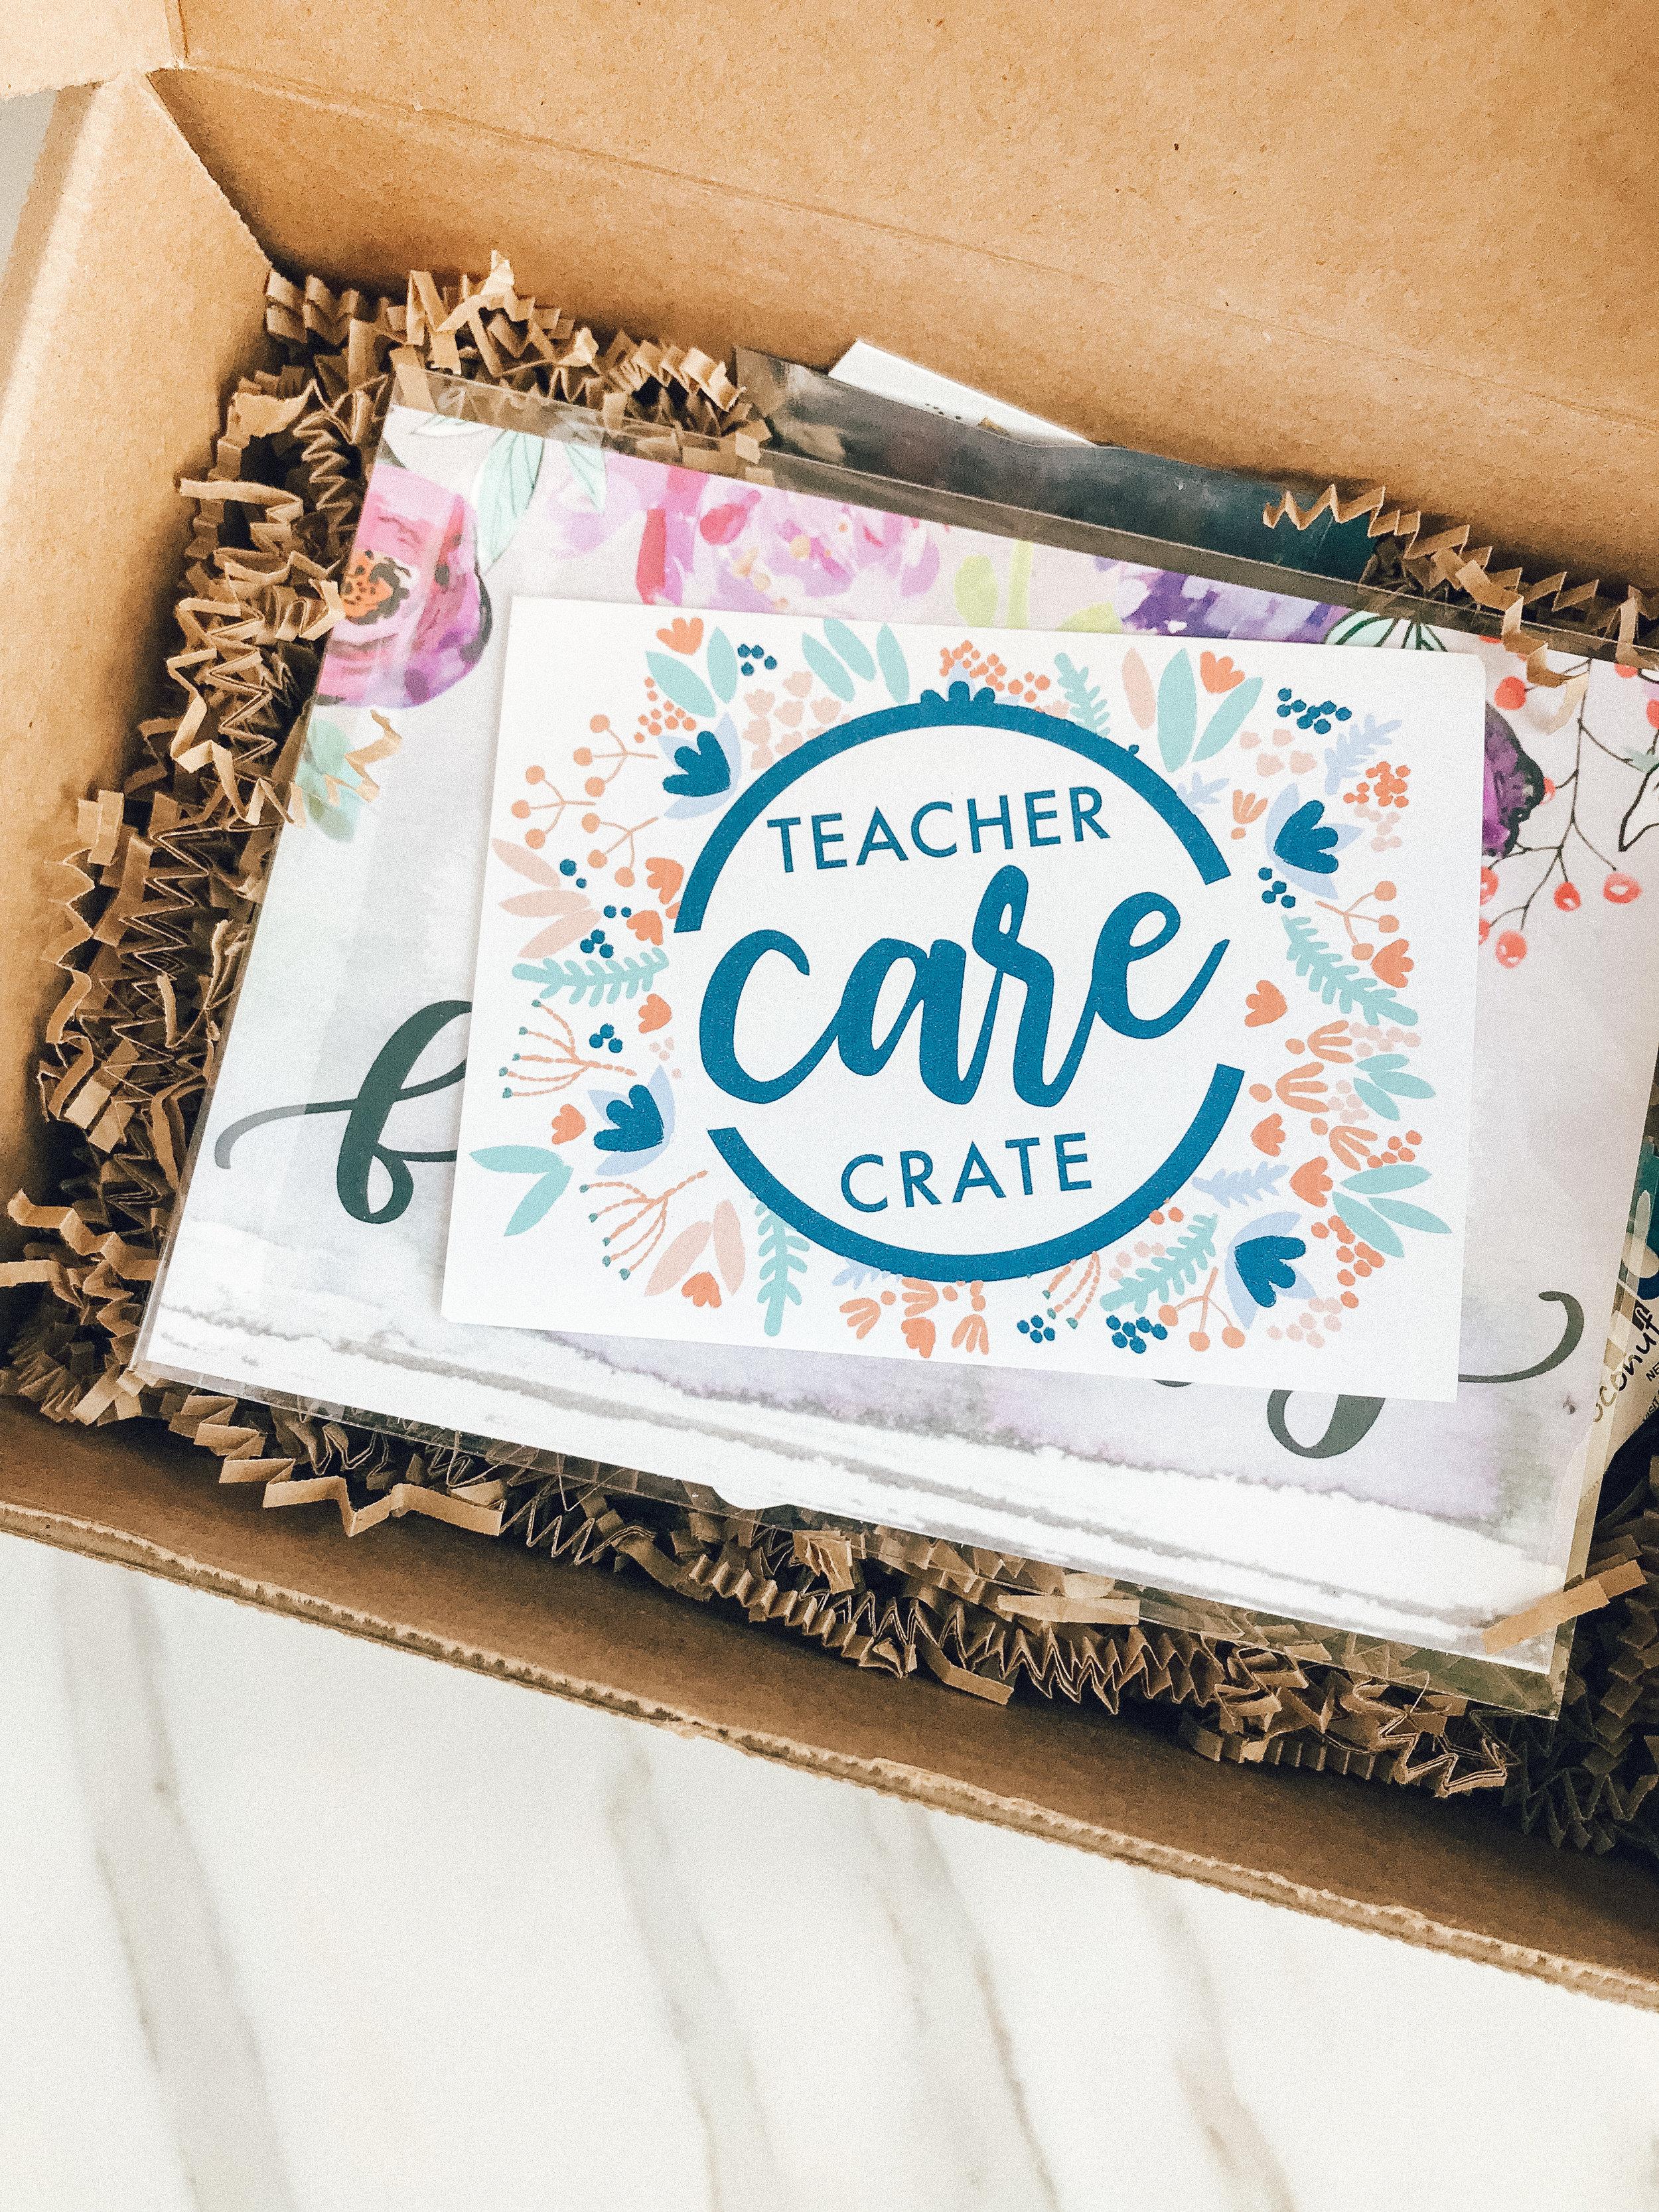 Teacher Care Crate - Self-care subscription for teachers